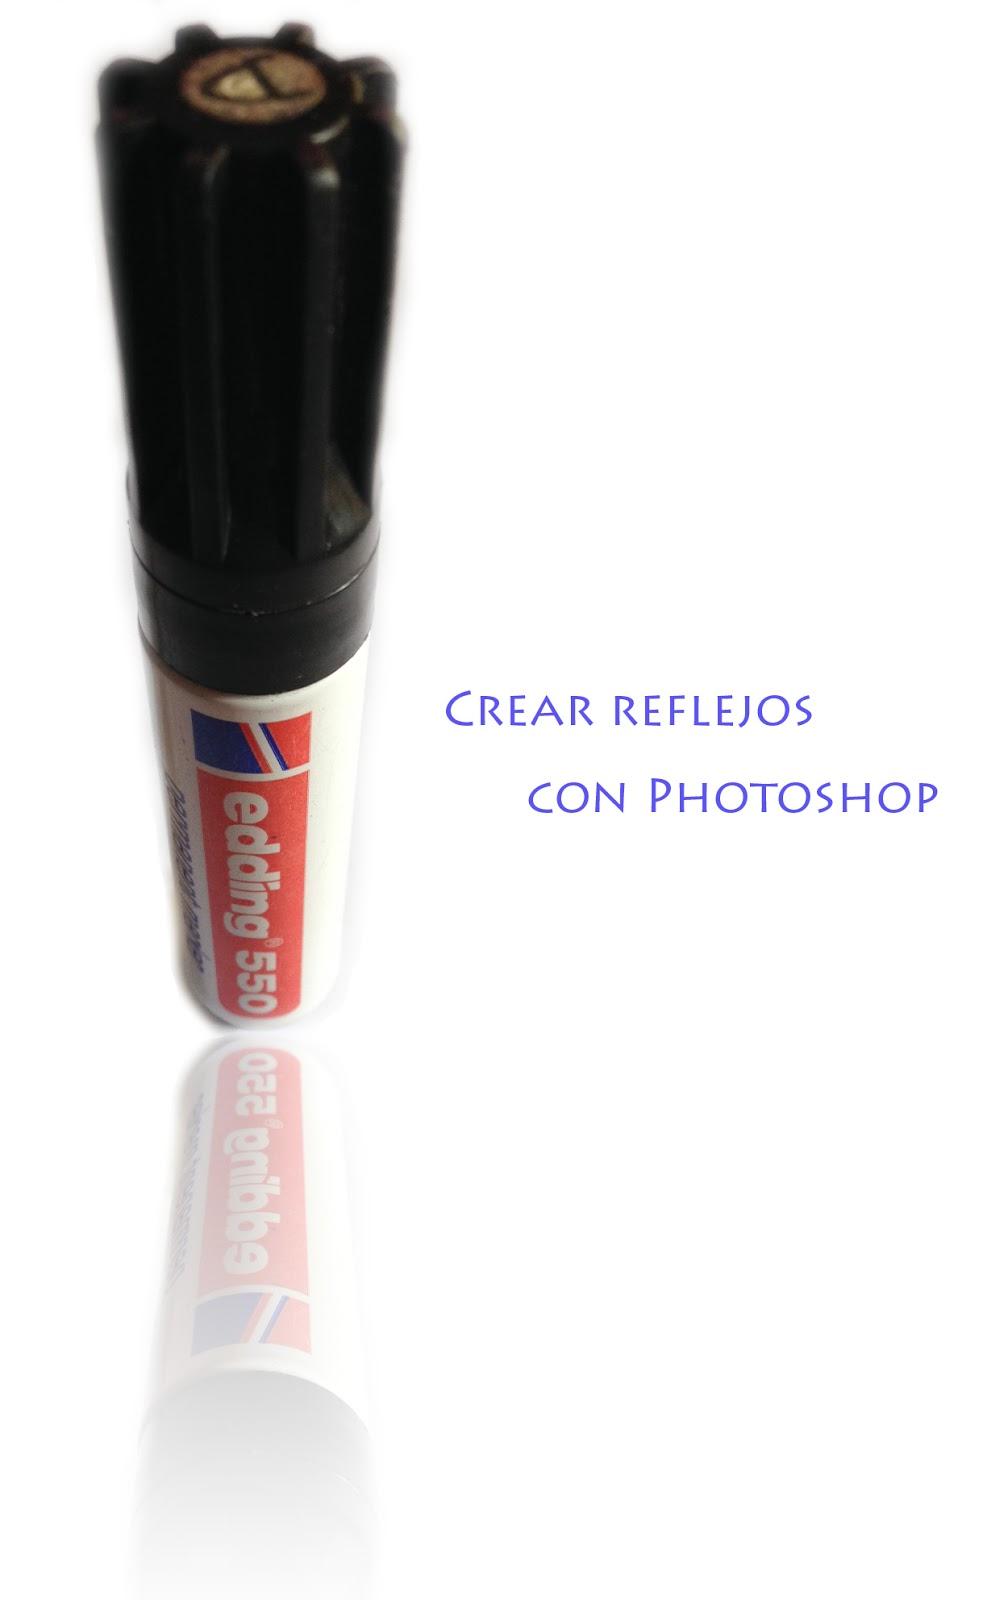 Tutoriales de _photoshop_terra - es.slideshare.net